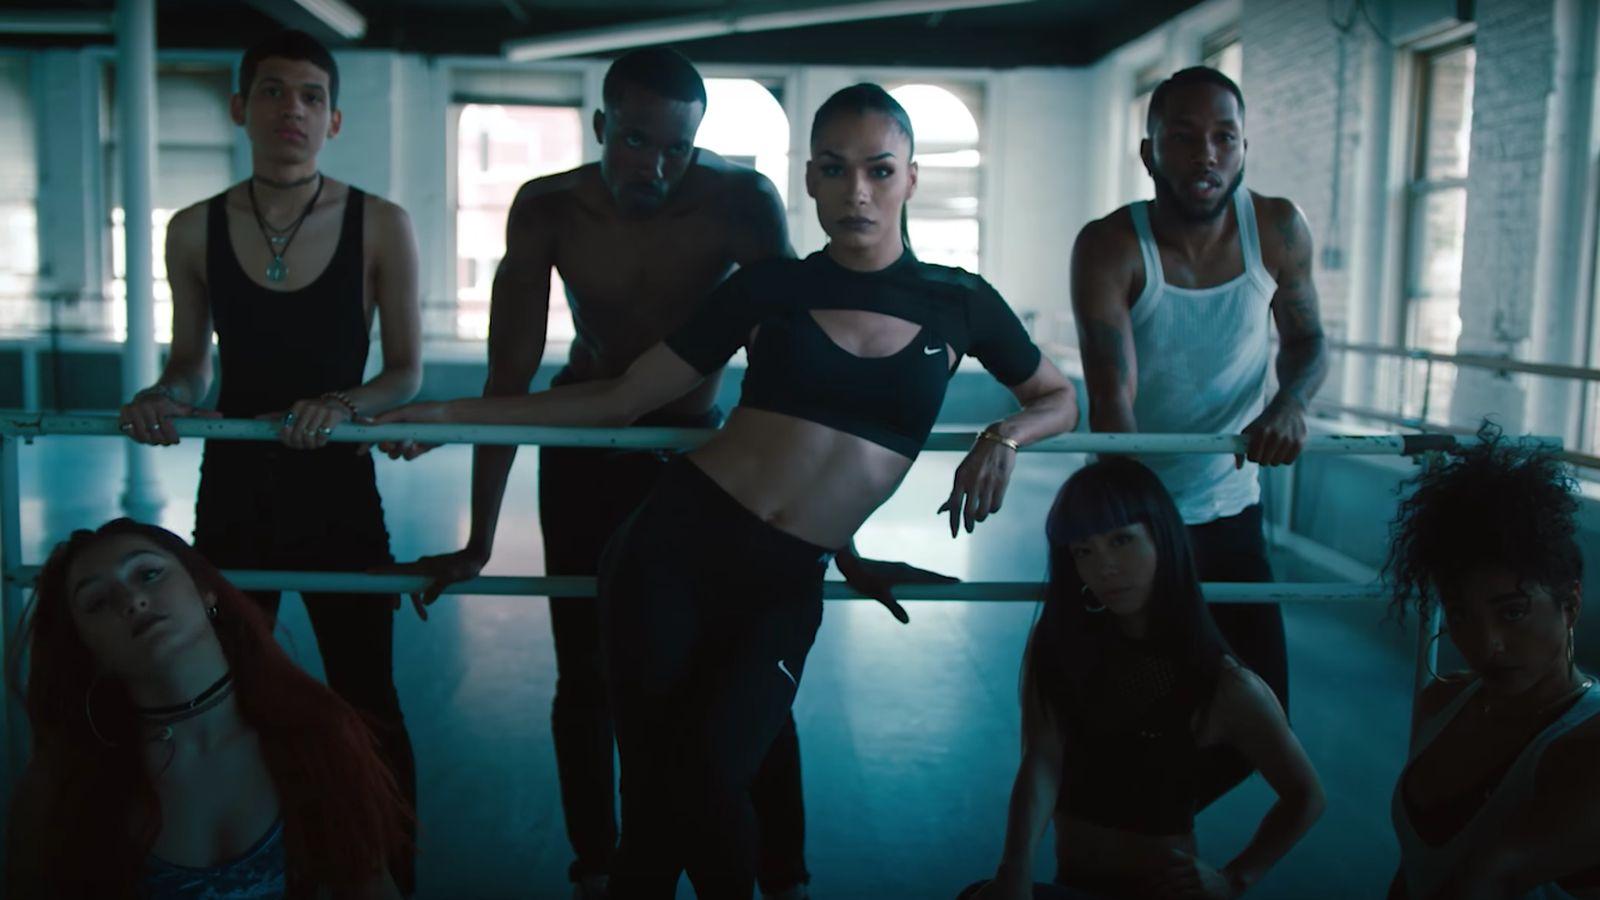 Nike'ın Yeni Pride Reklamı Onur Ayı'na Damga Vurdu!